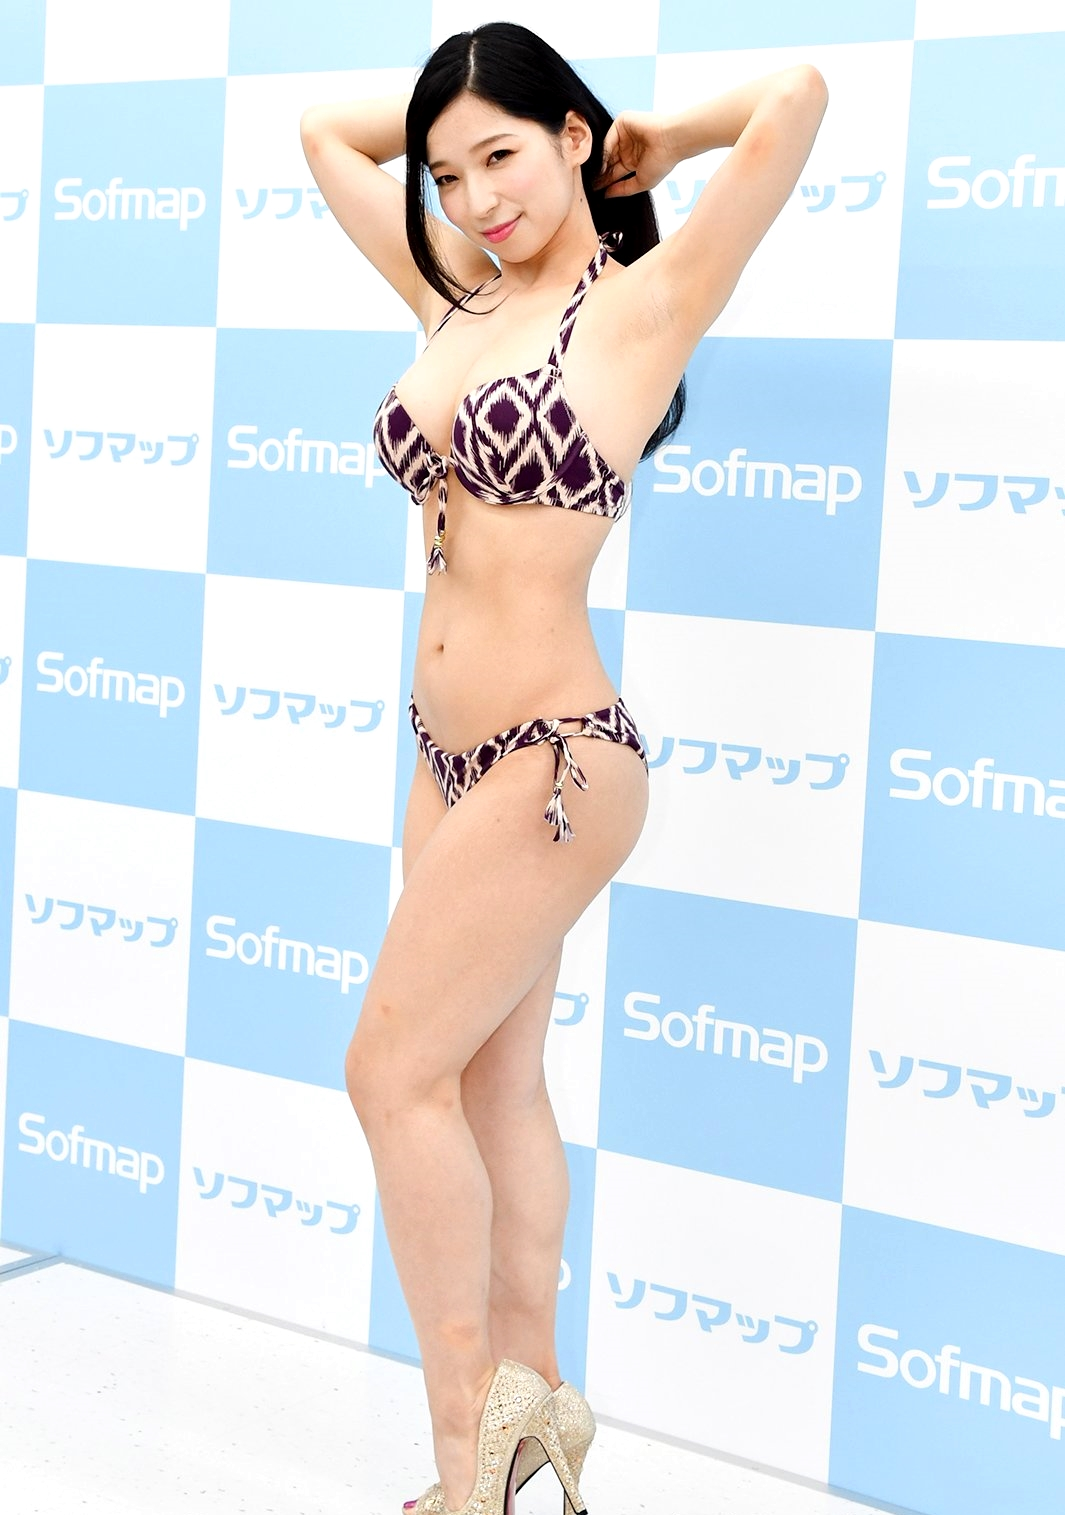 鶴あいかの熟腋 (1)